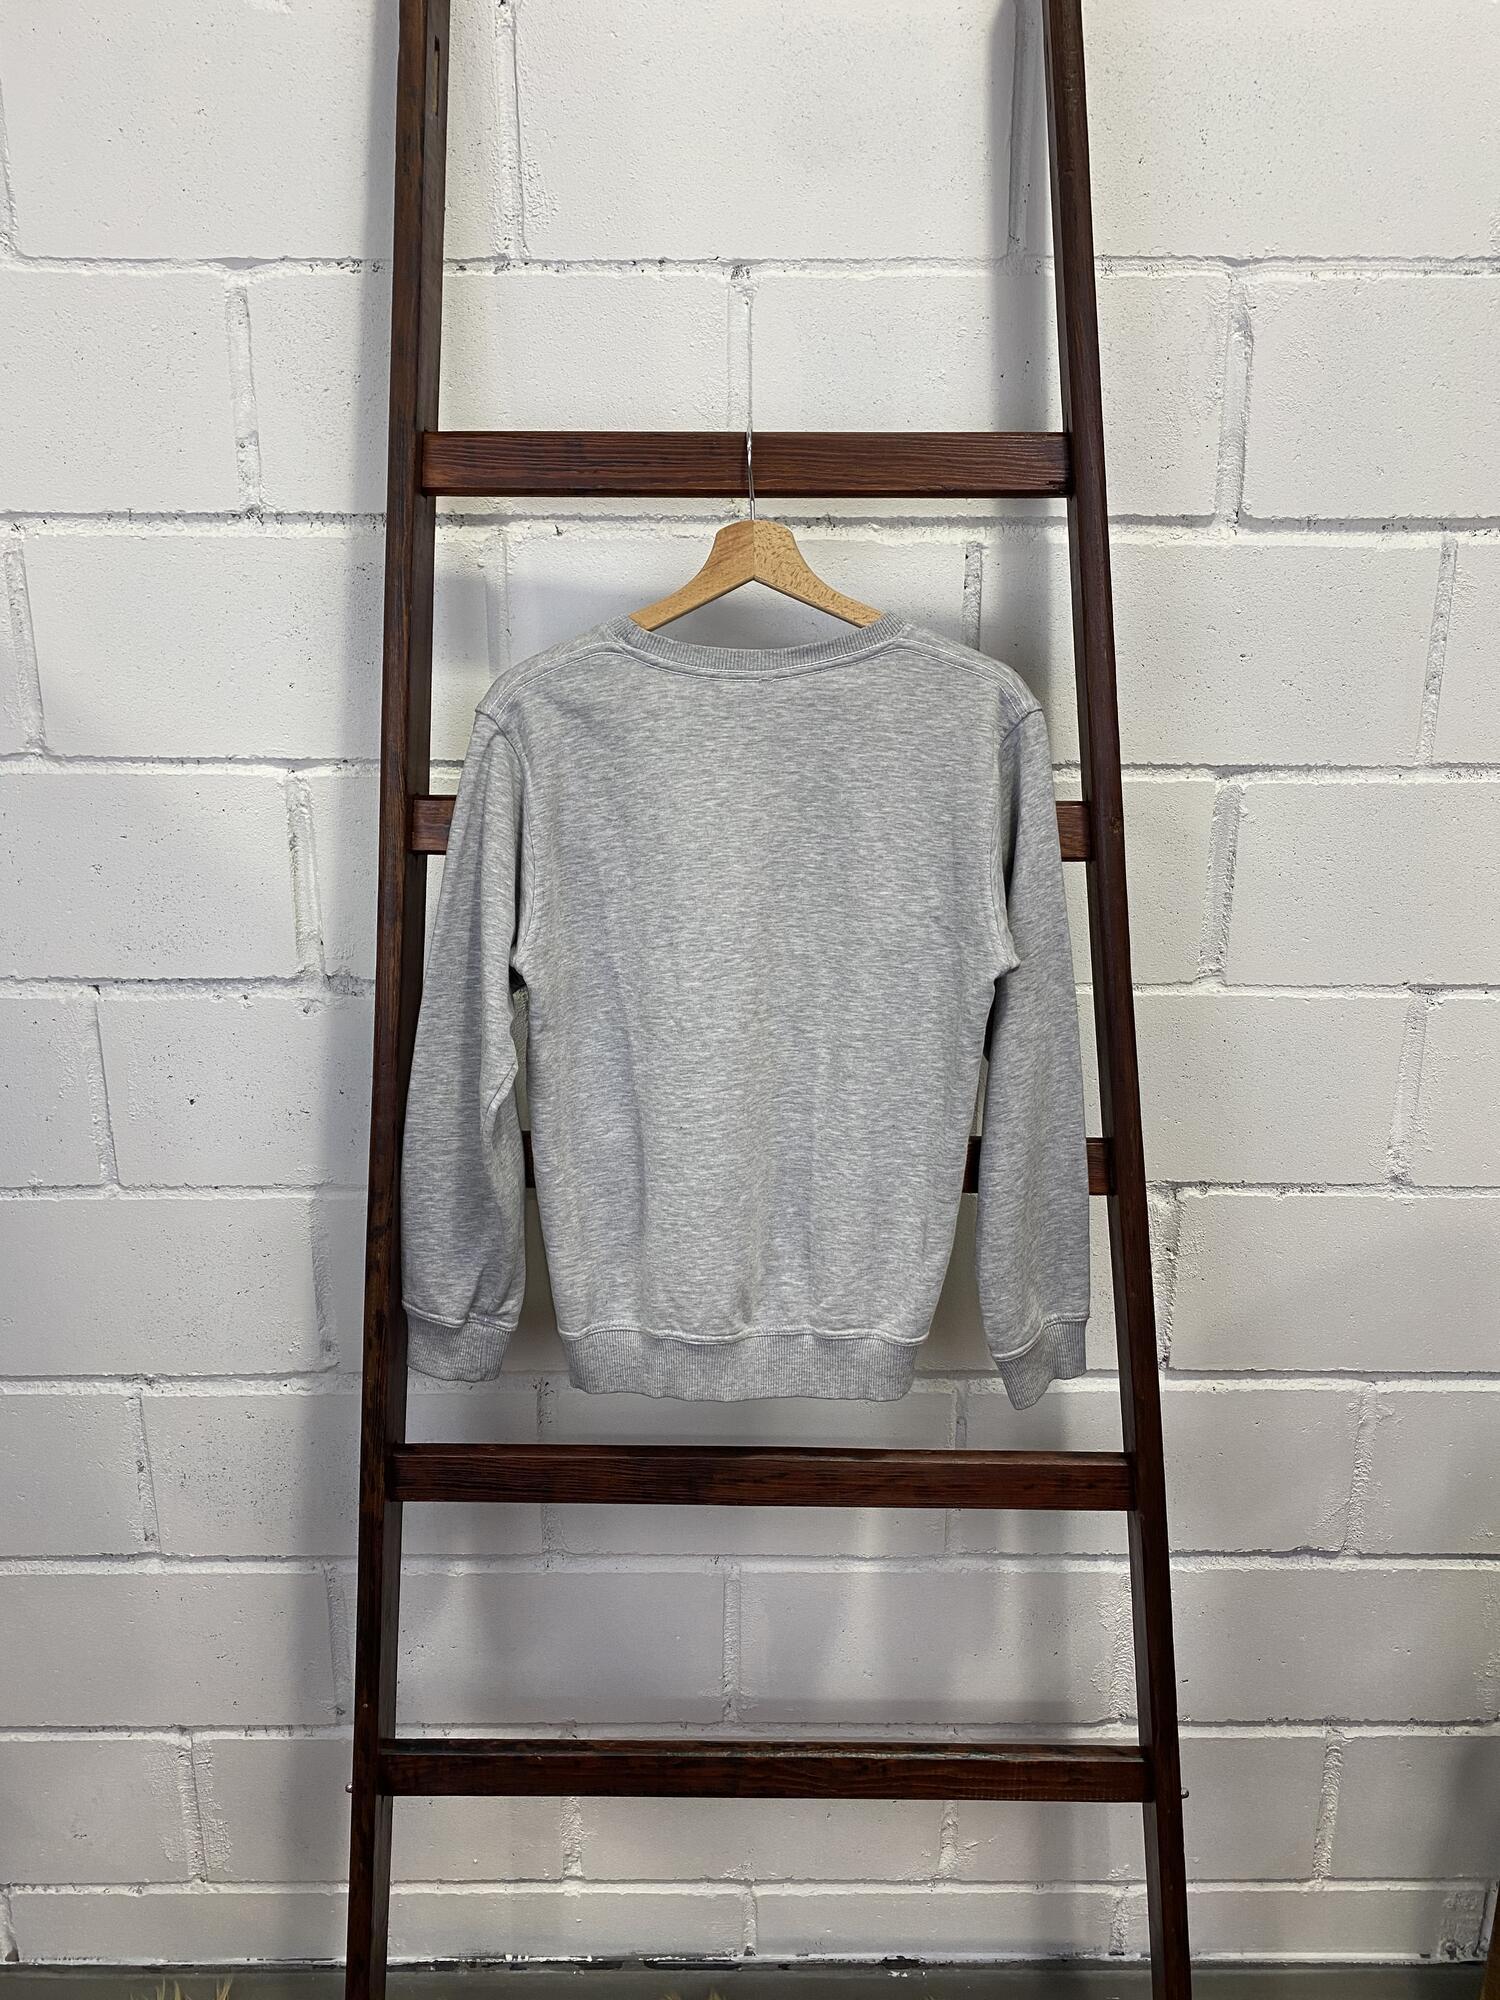 Szara bluza z nadrukiem - Vintage Store   JestemSlow.pl